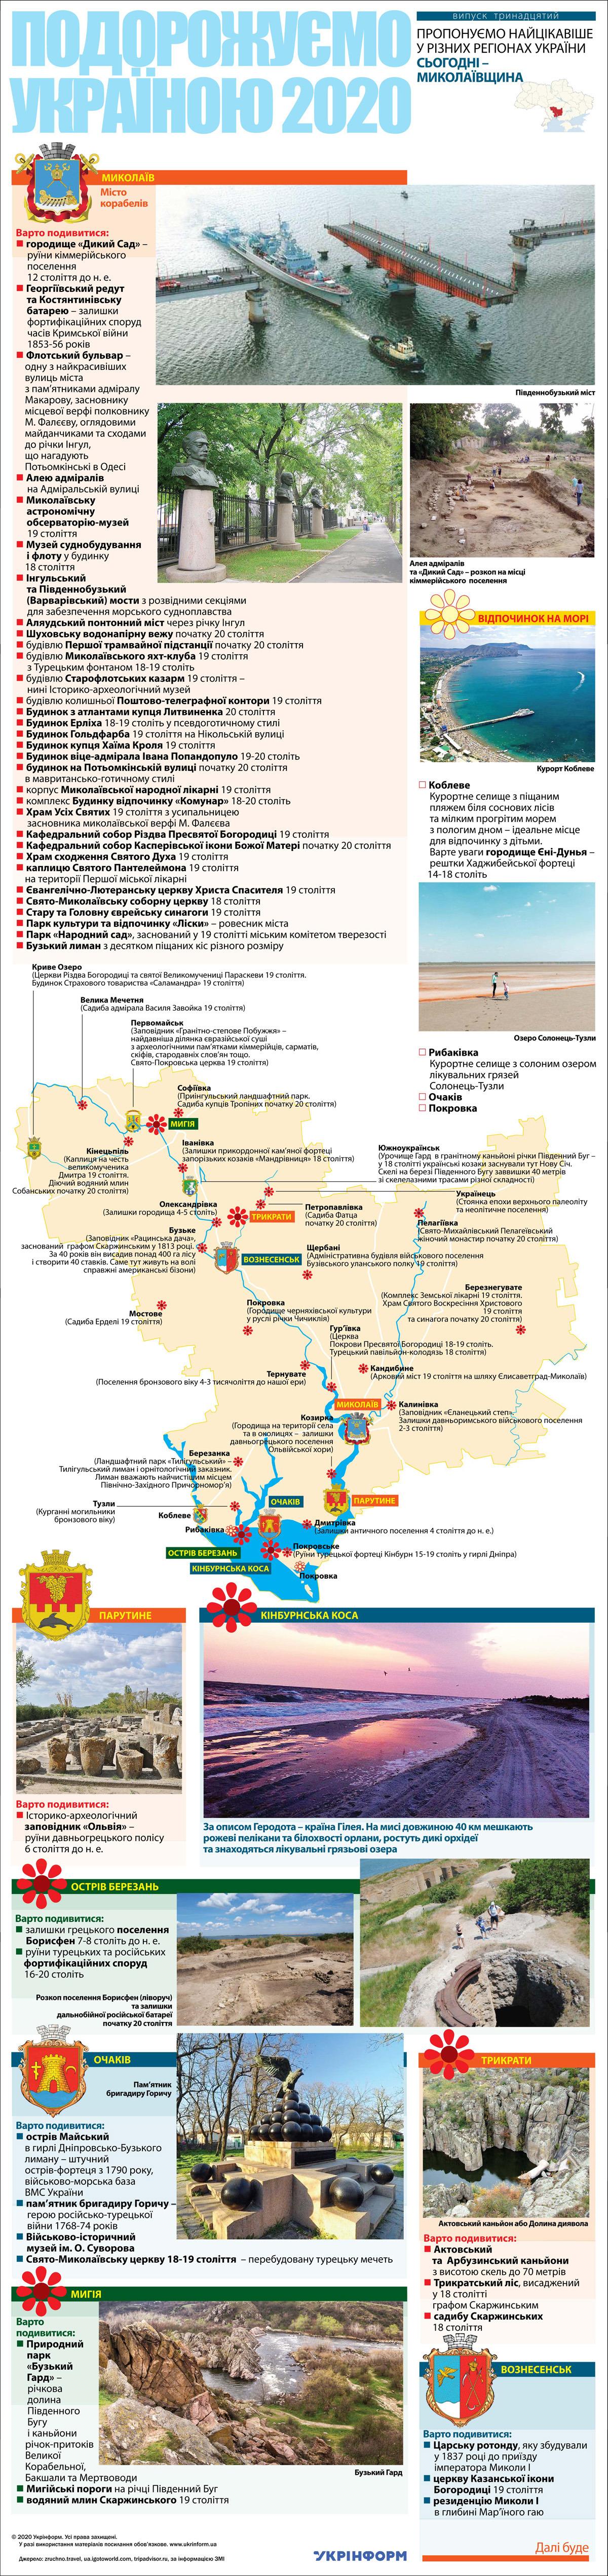 """Миколаївщина: туристична мапа """"Подорожуємо Україною"""""""